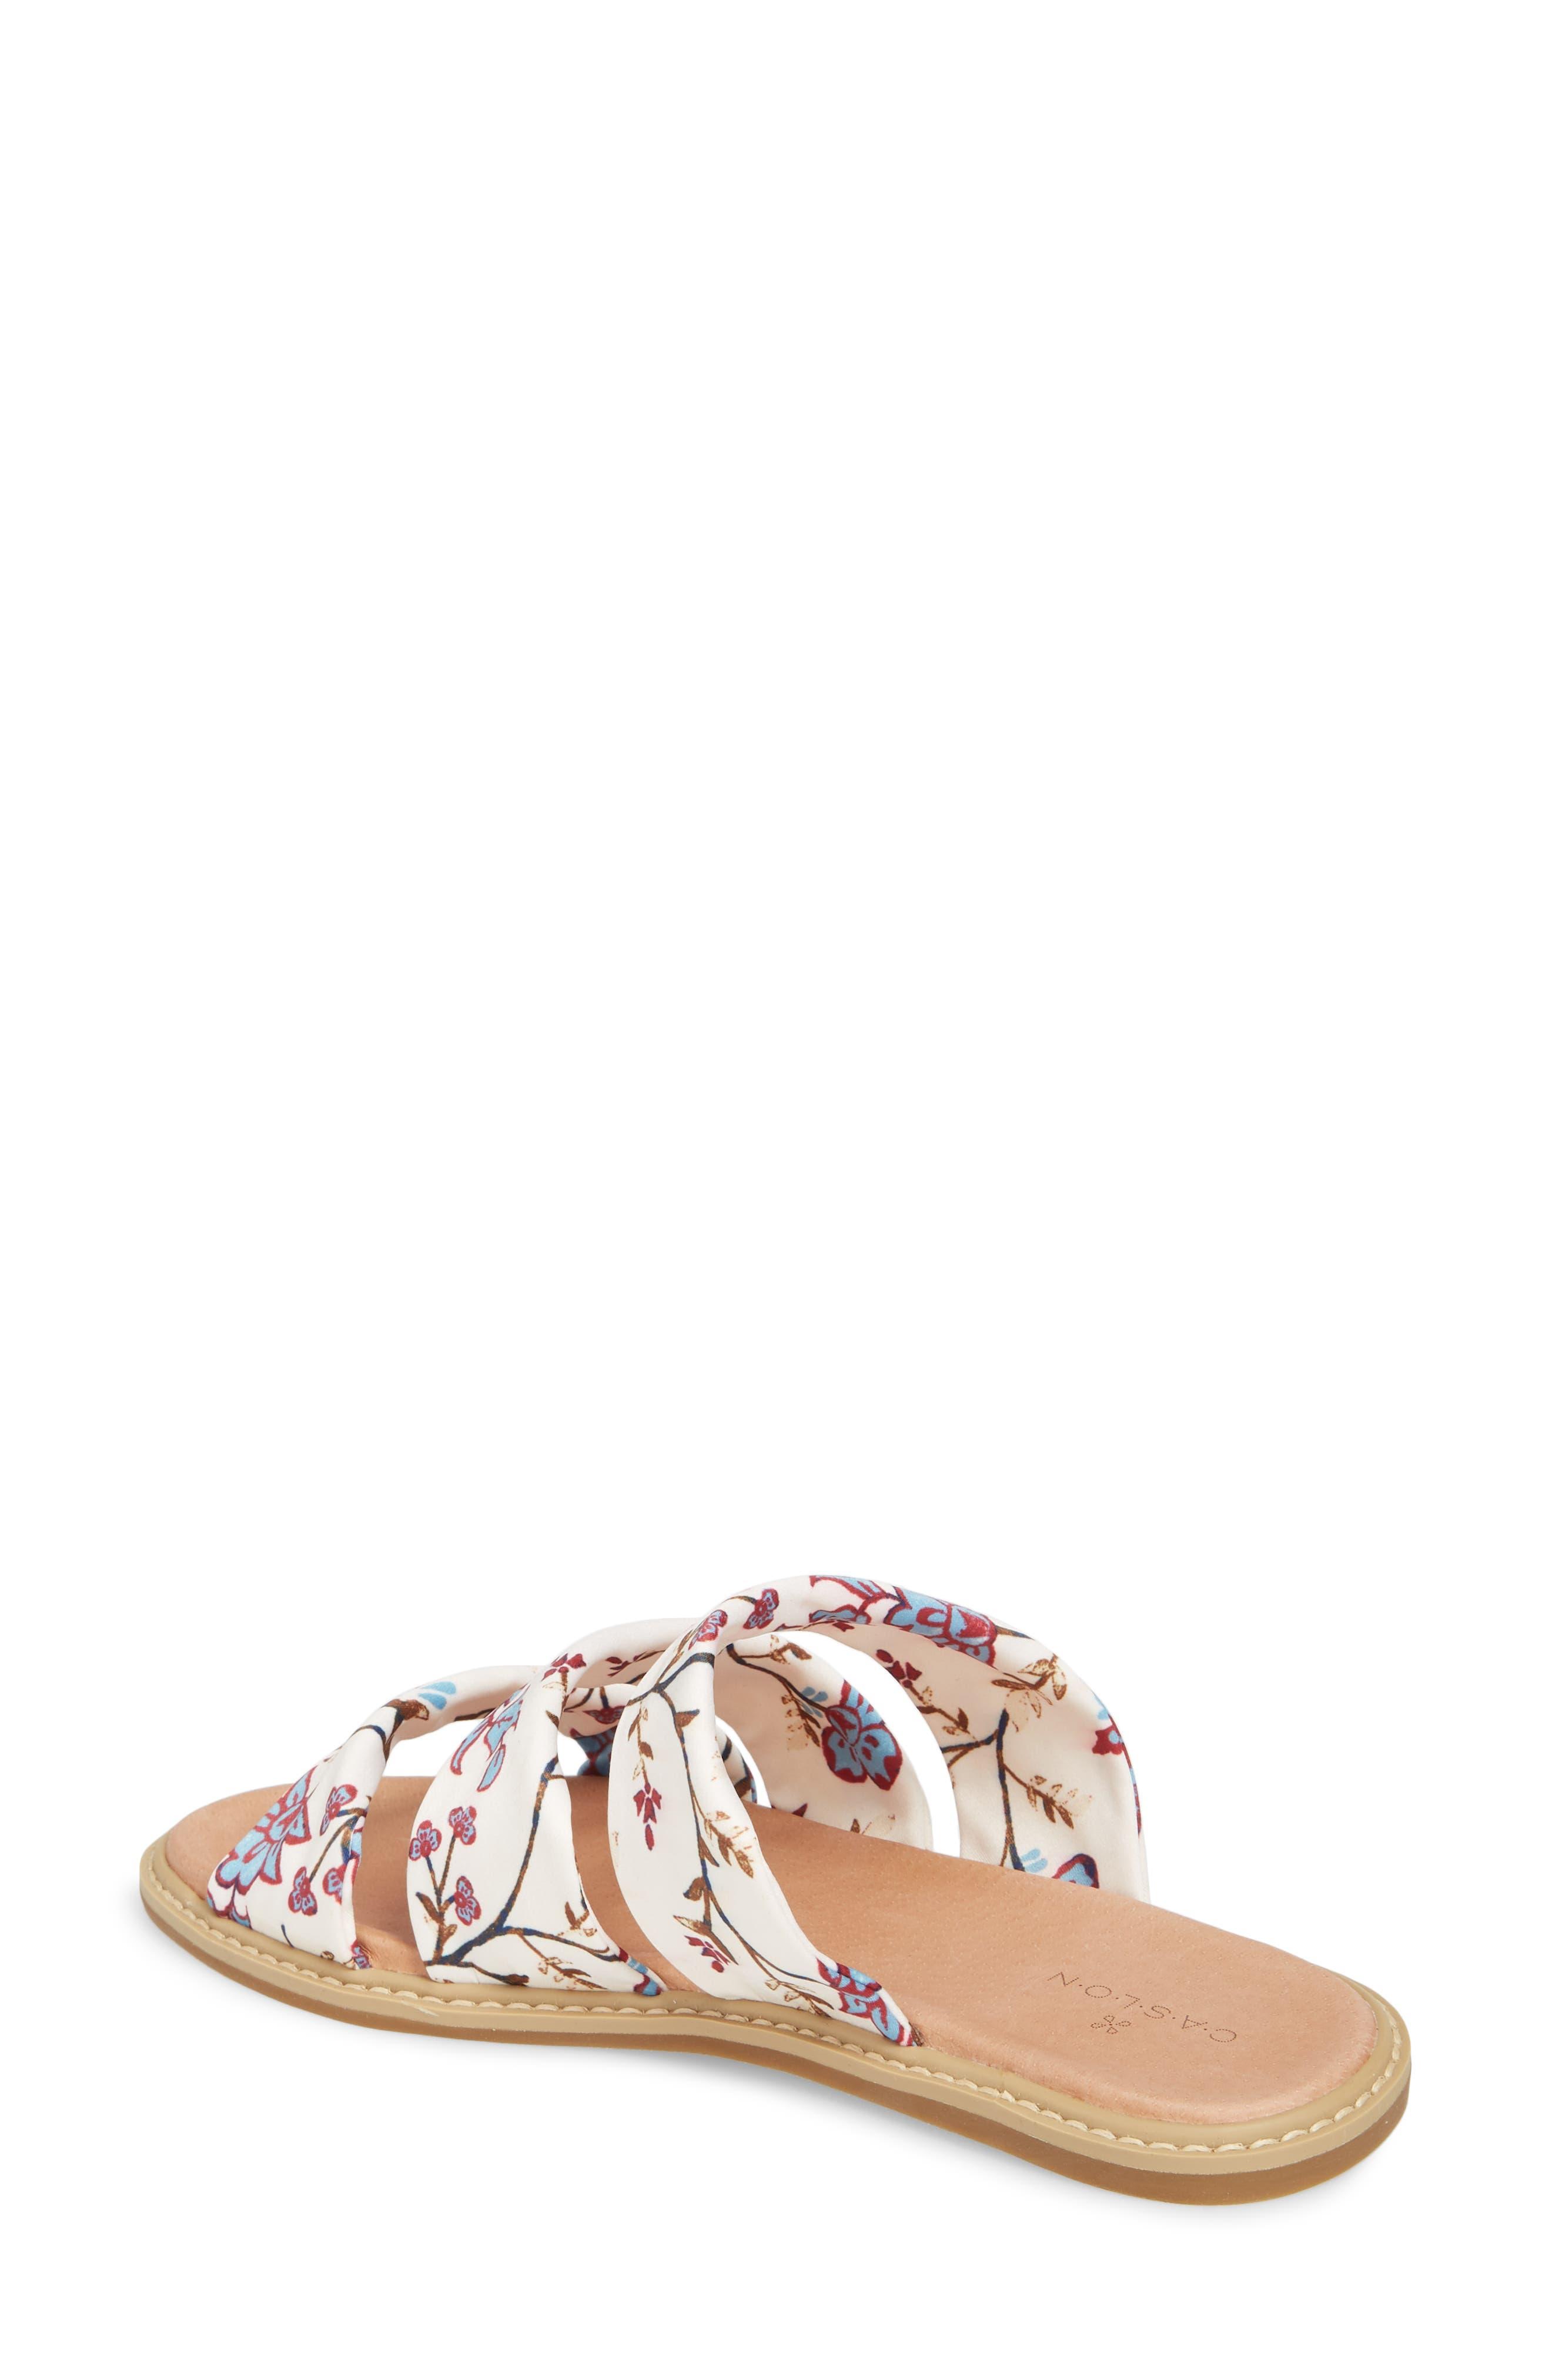 Cooper Slide Sandal,                             Alternate thumbnail 2, color,                             White Agrestic Fabric